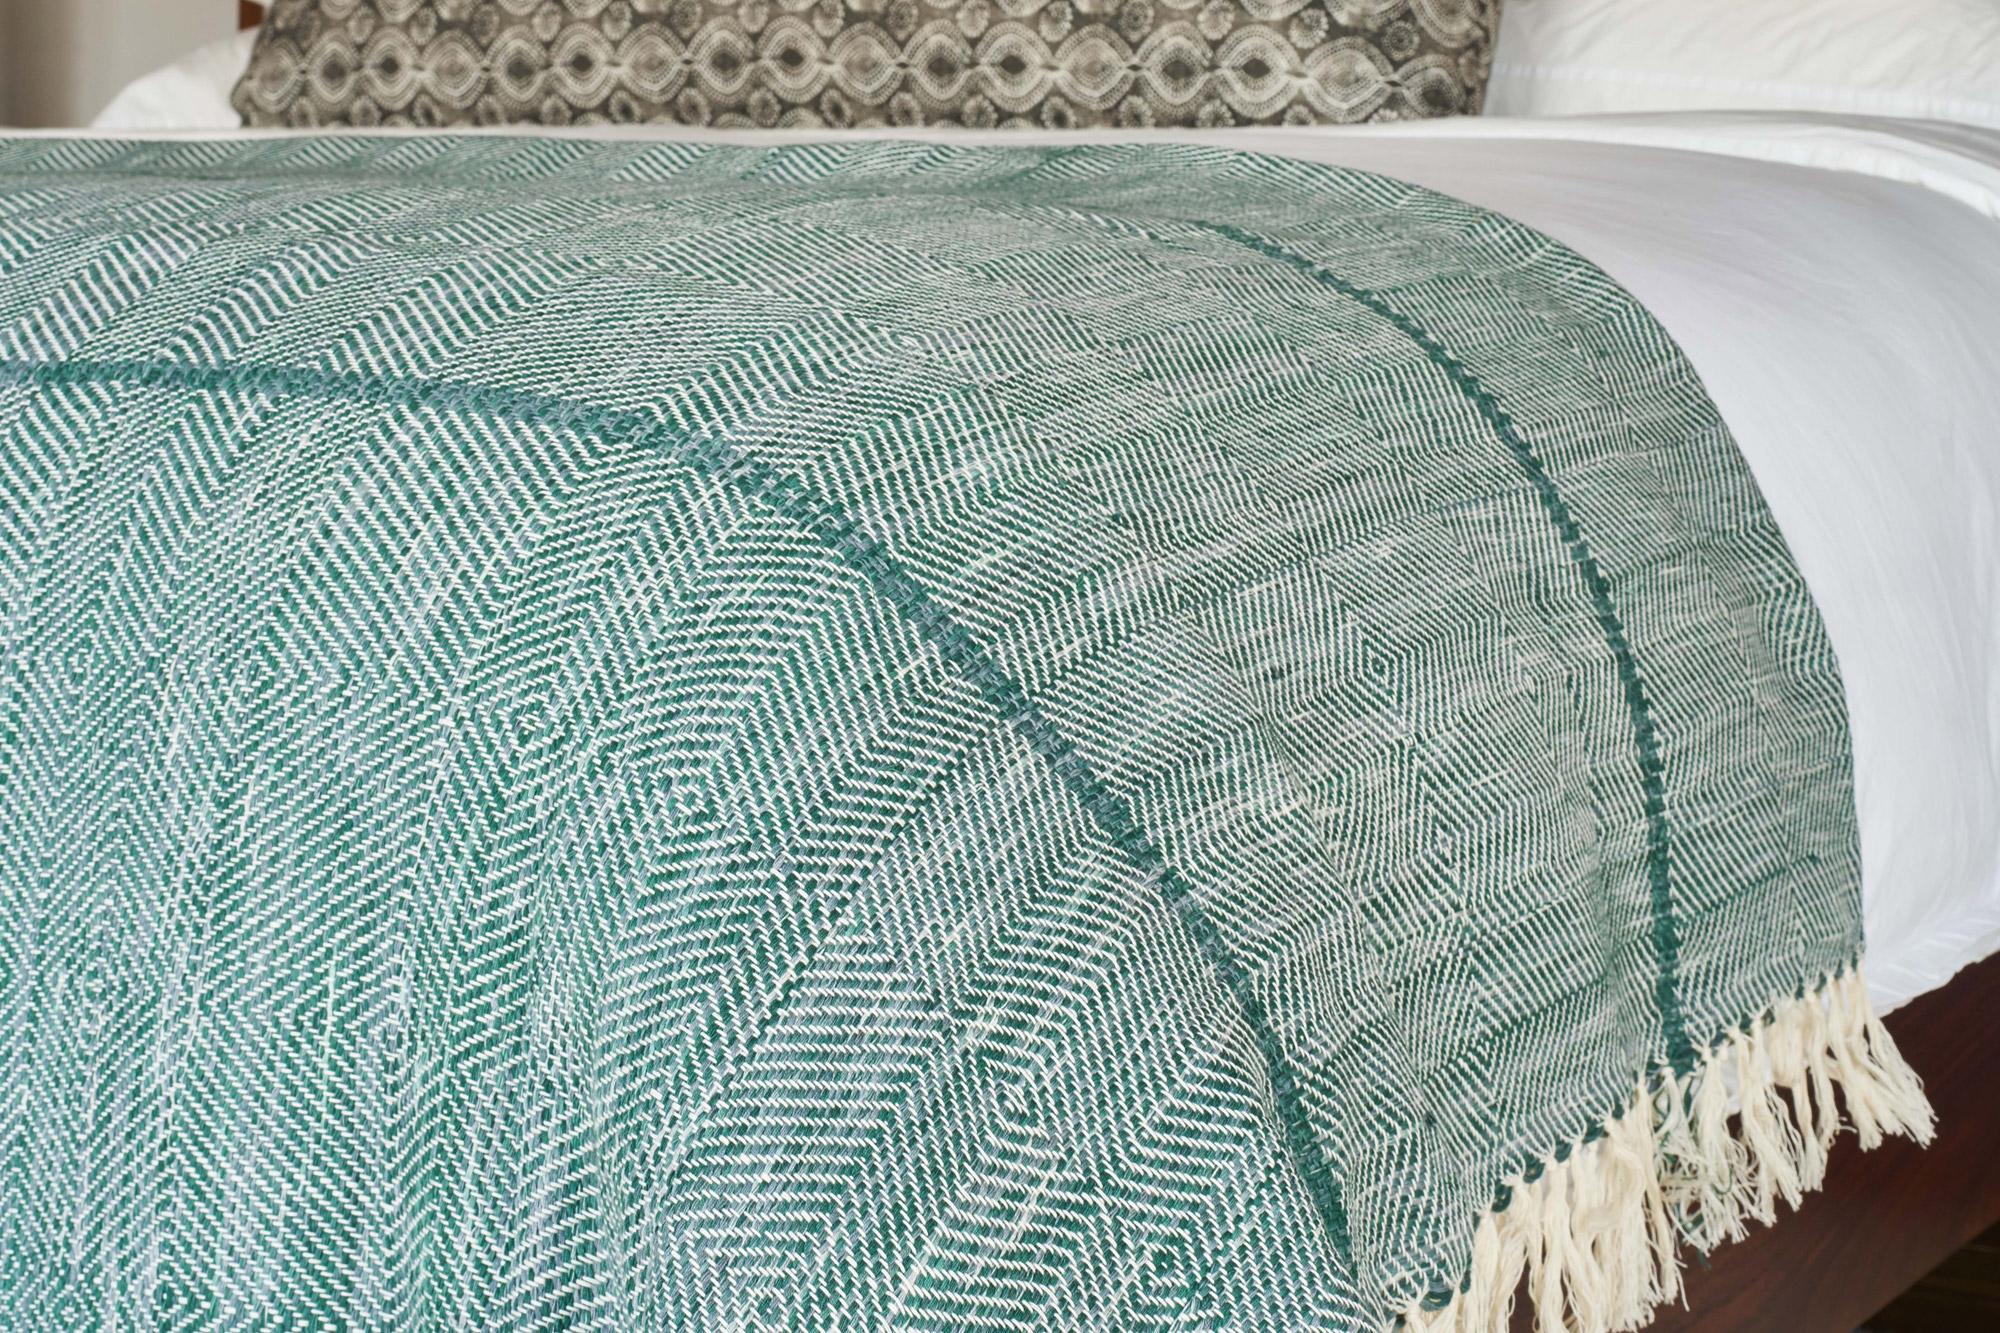 shanga-blankets-2.jpg